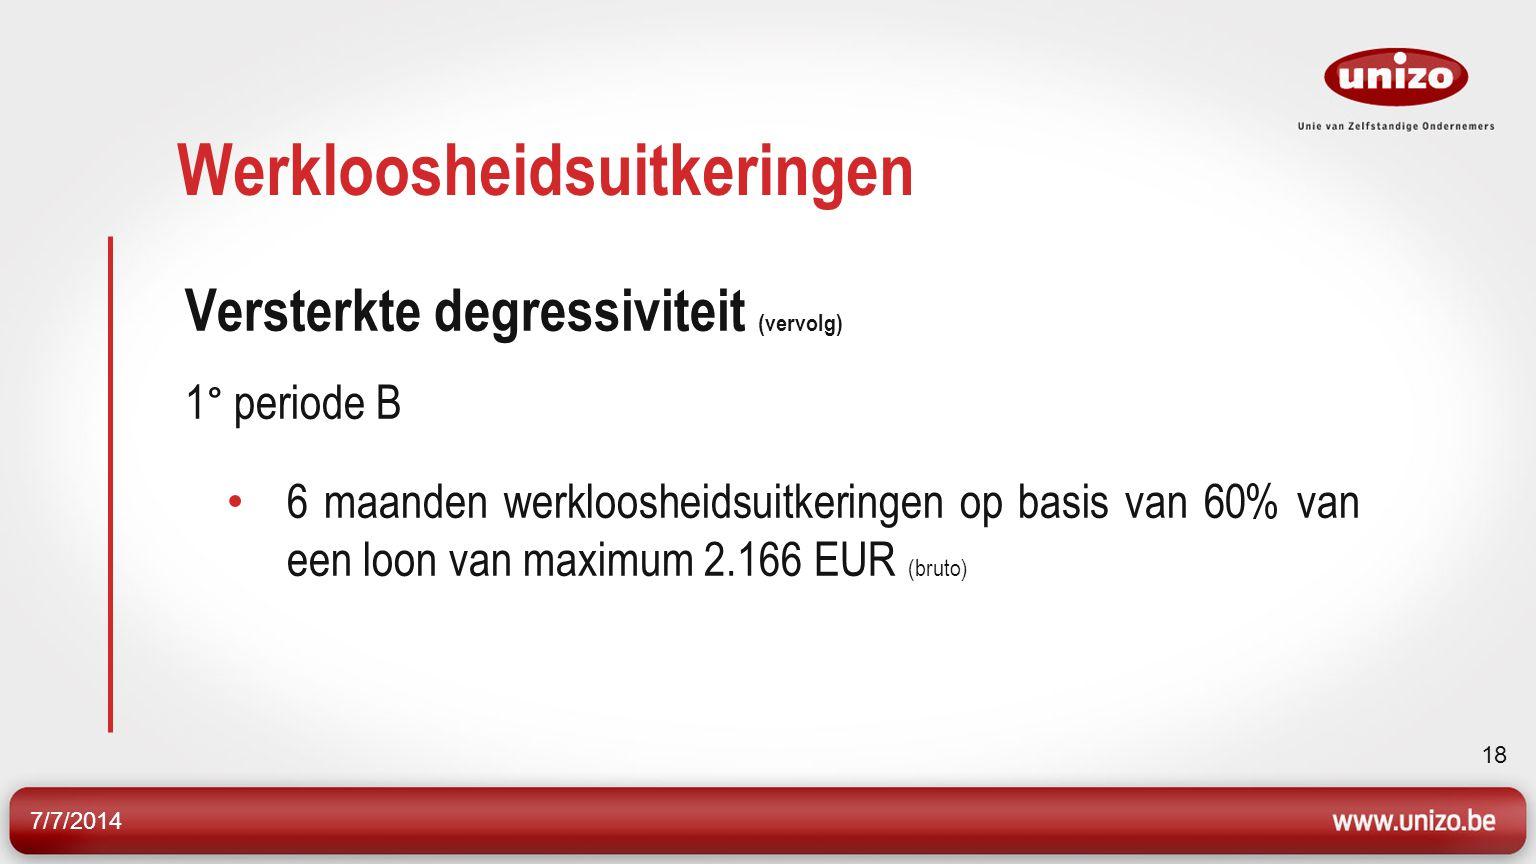 7/7/2014 19 Werkloosheidsuitkeringen Versterkte degressiviteit (vervolg) 3° periode Forfaitaire bedragen 2011:samenwonende met gezinslast: 1.069, 38 EUR alleenstaande: 898,30 EUR samenwonende: 474,50 EUR